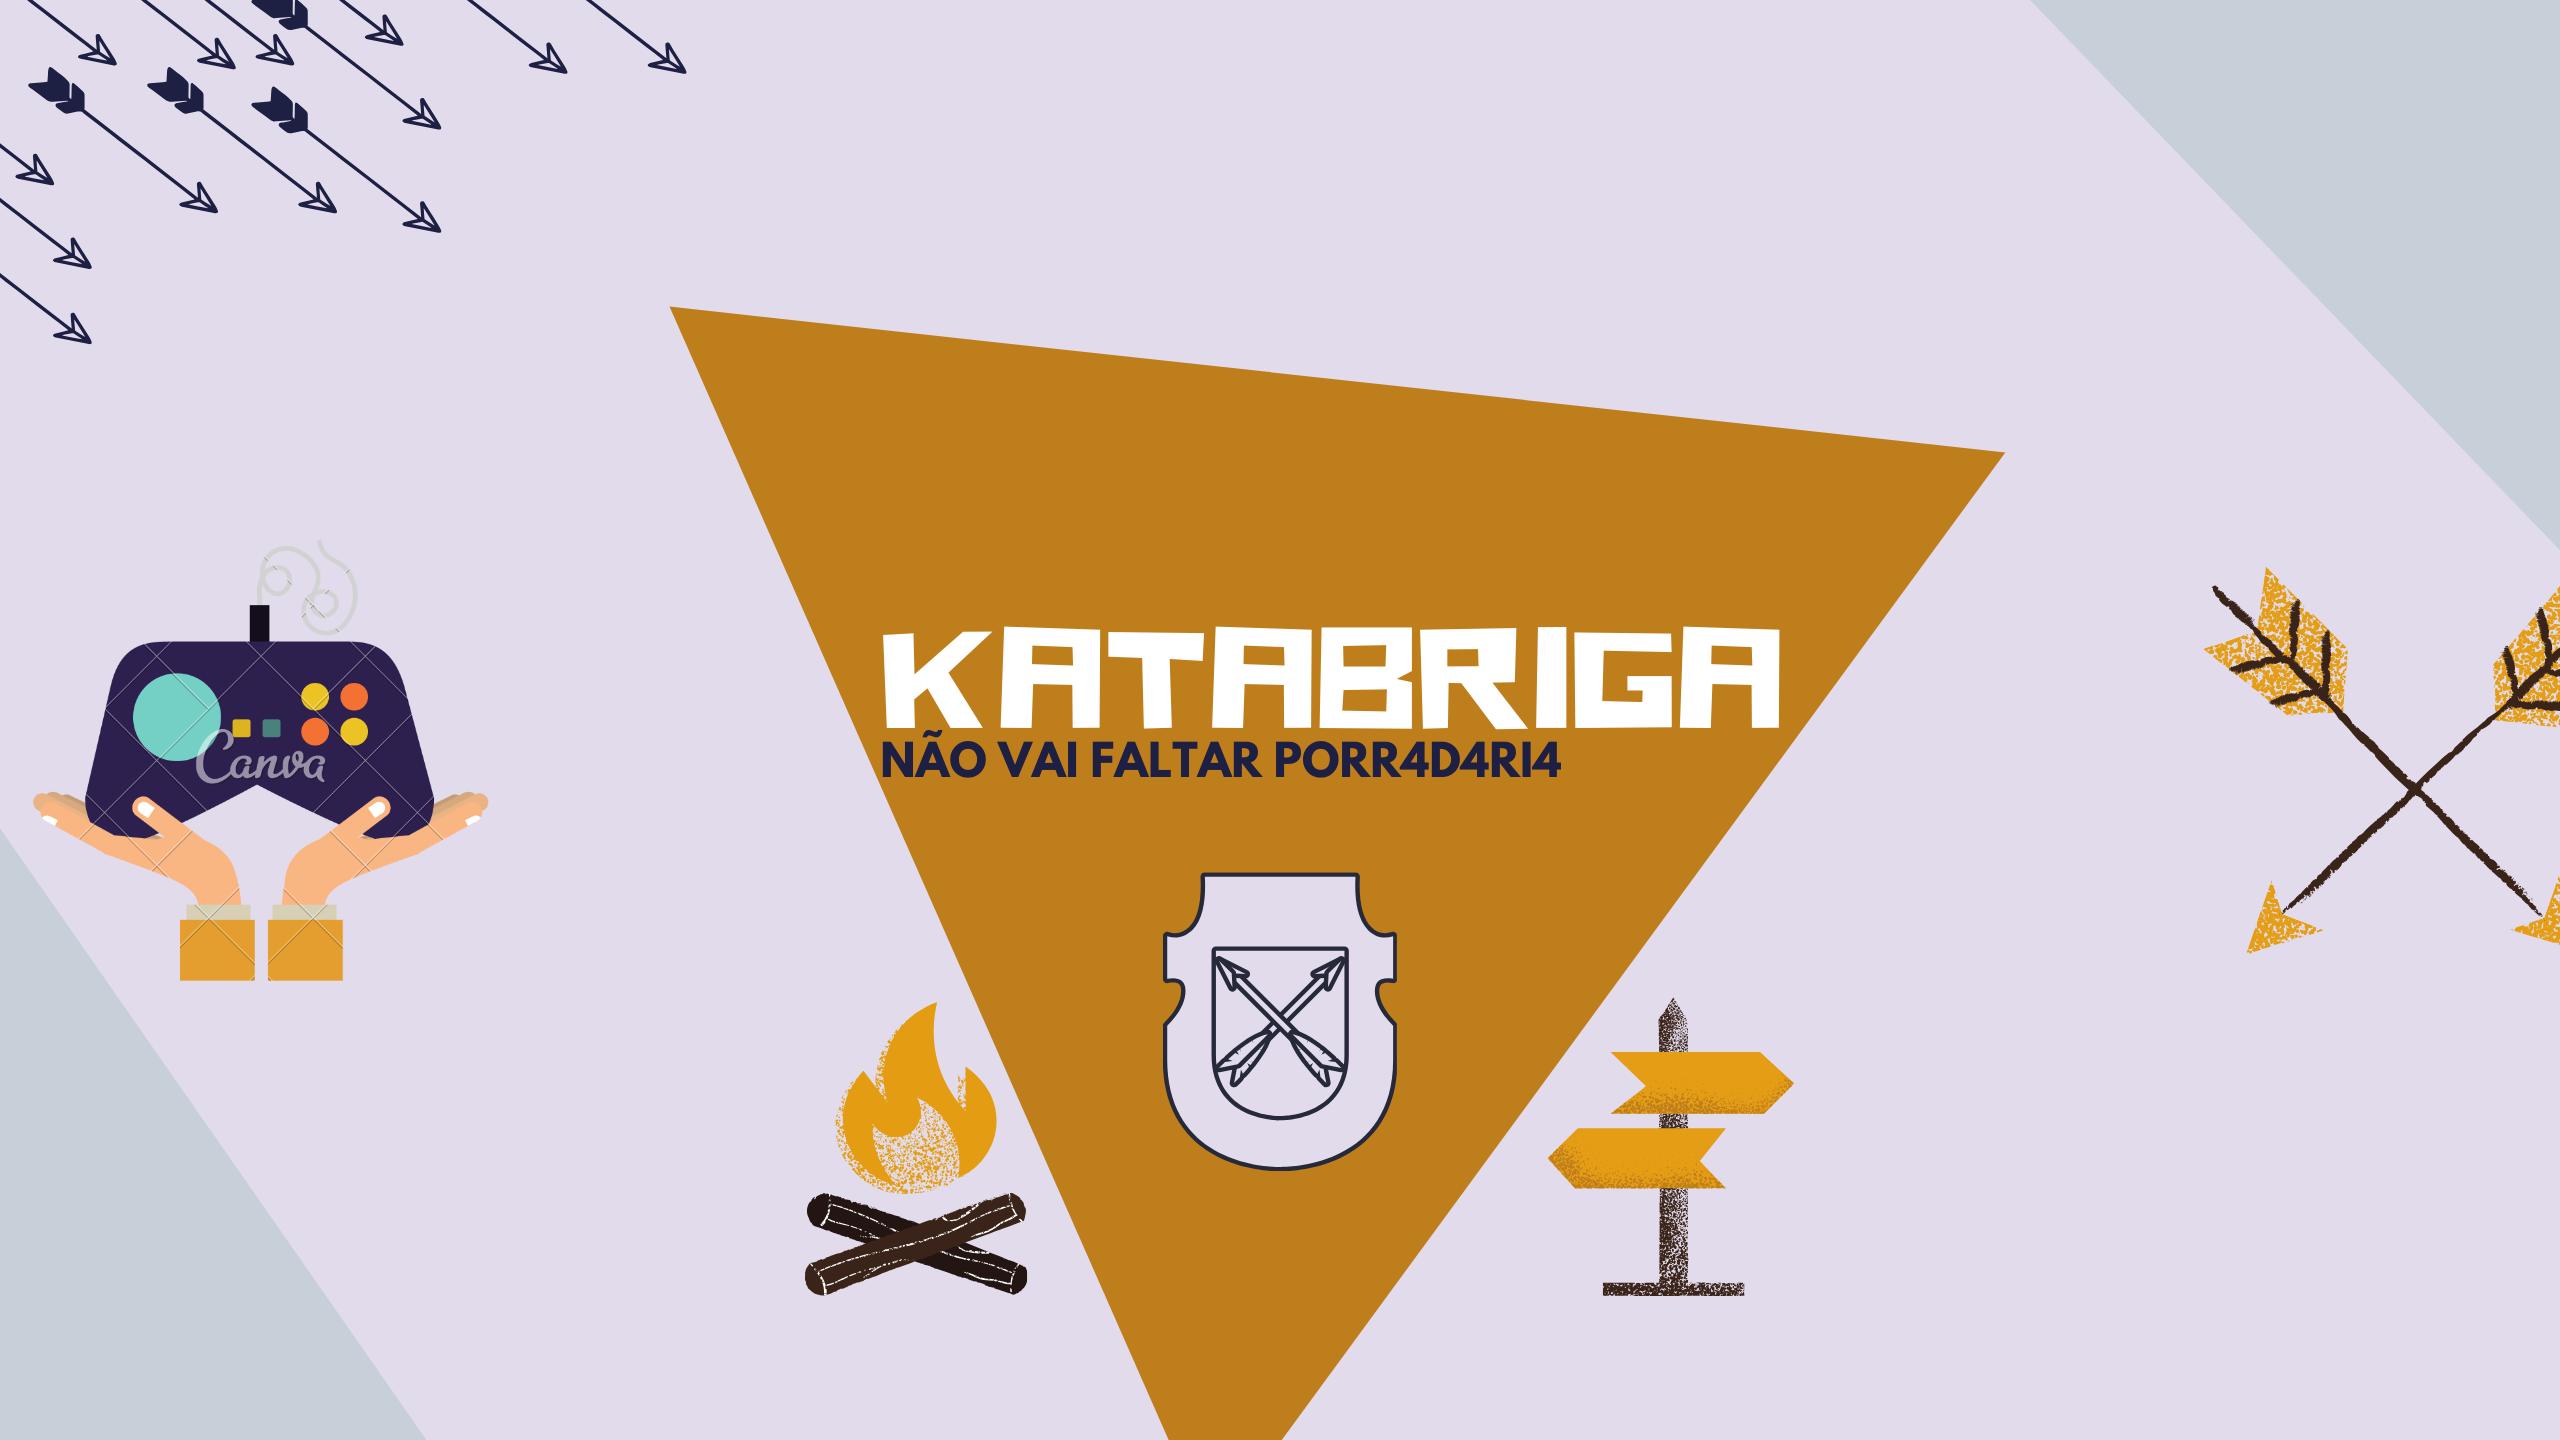 Logo katabriga yt